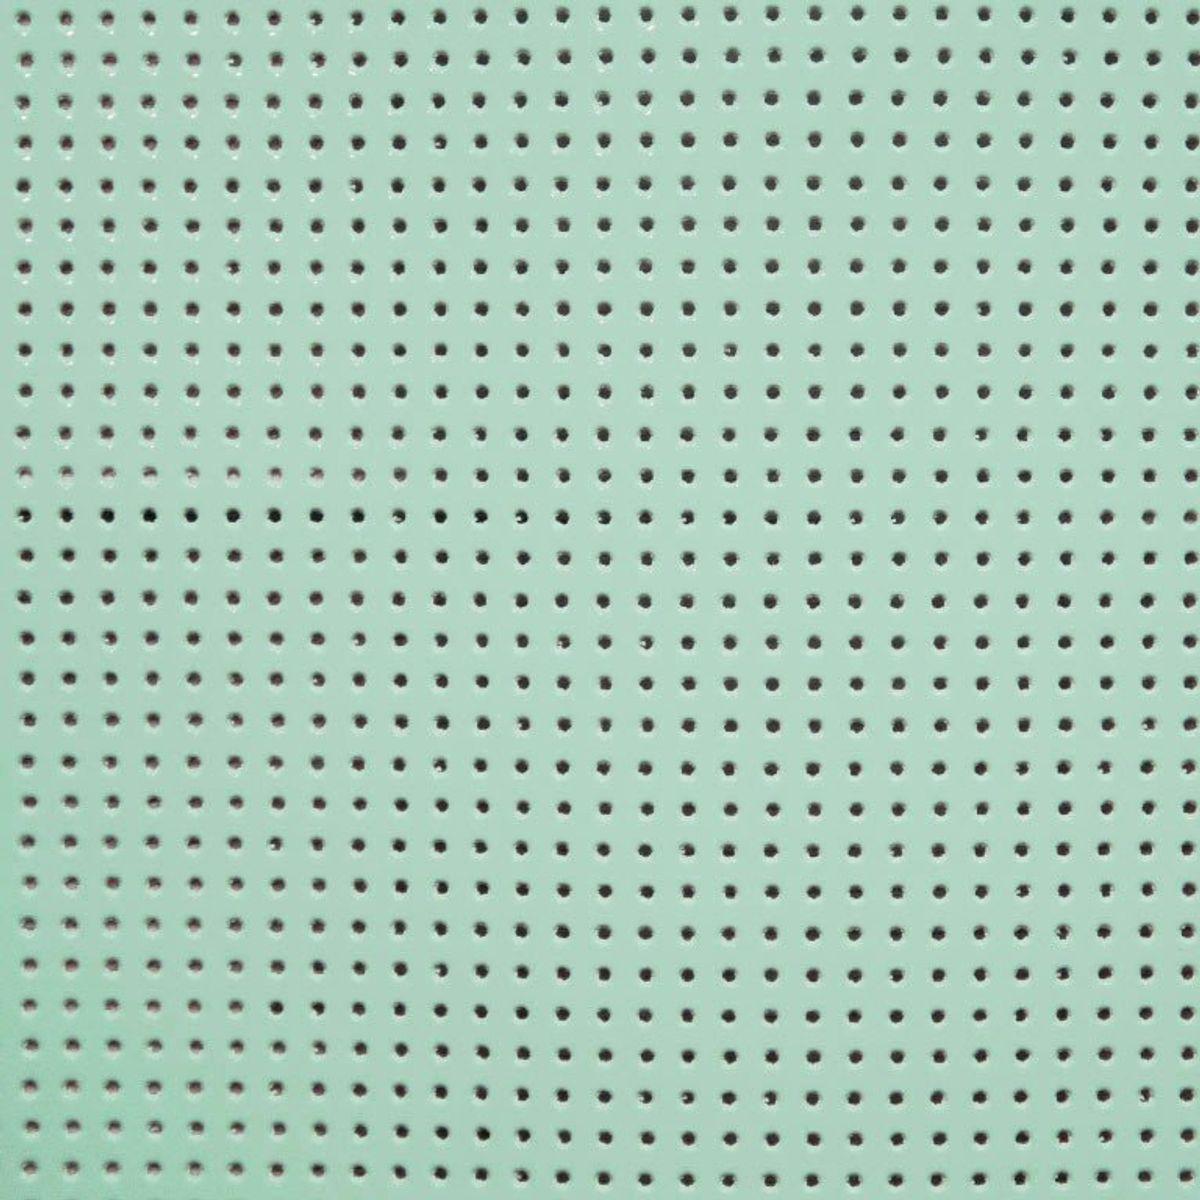 Vinyle laqué perforé - Vert eau